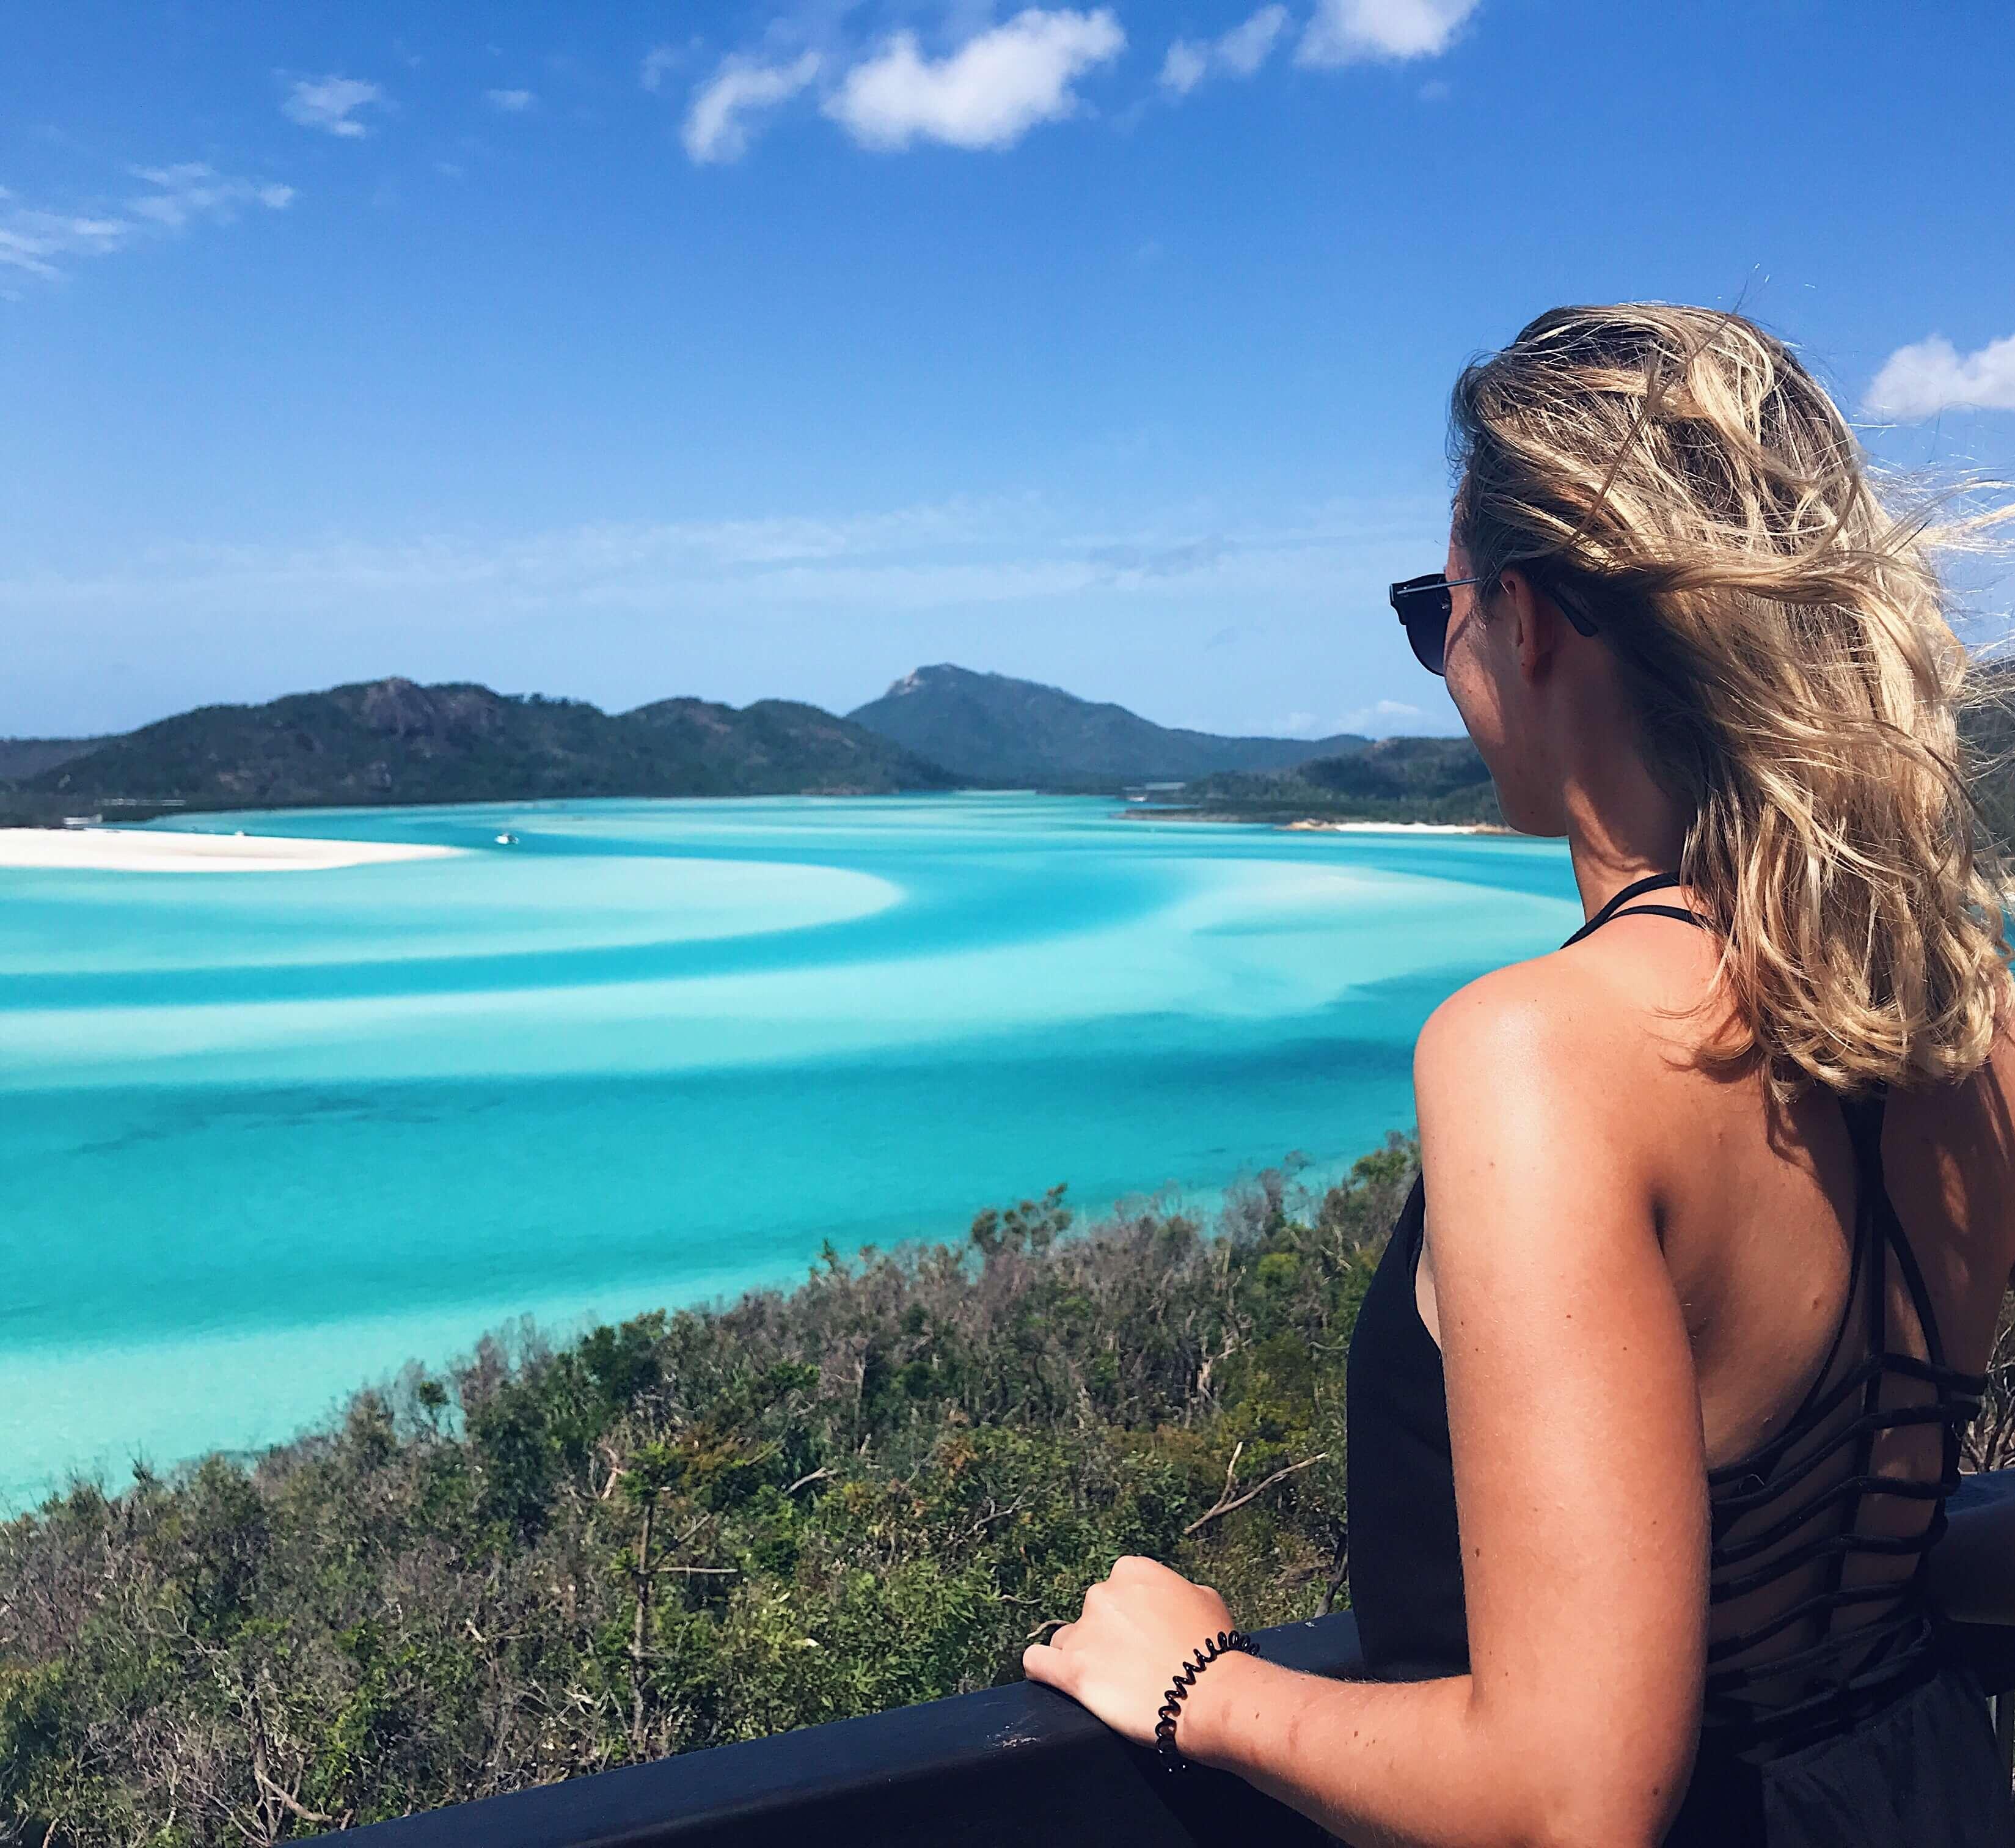 De mooiste plekken voor een huwelijksaanzoek in Australië